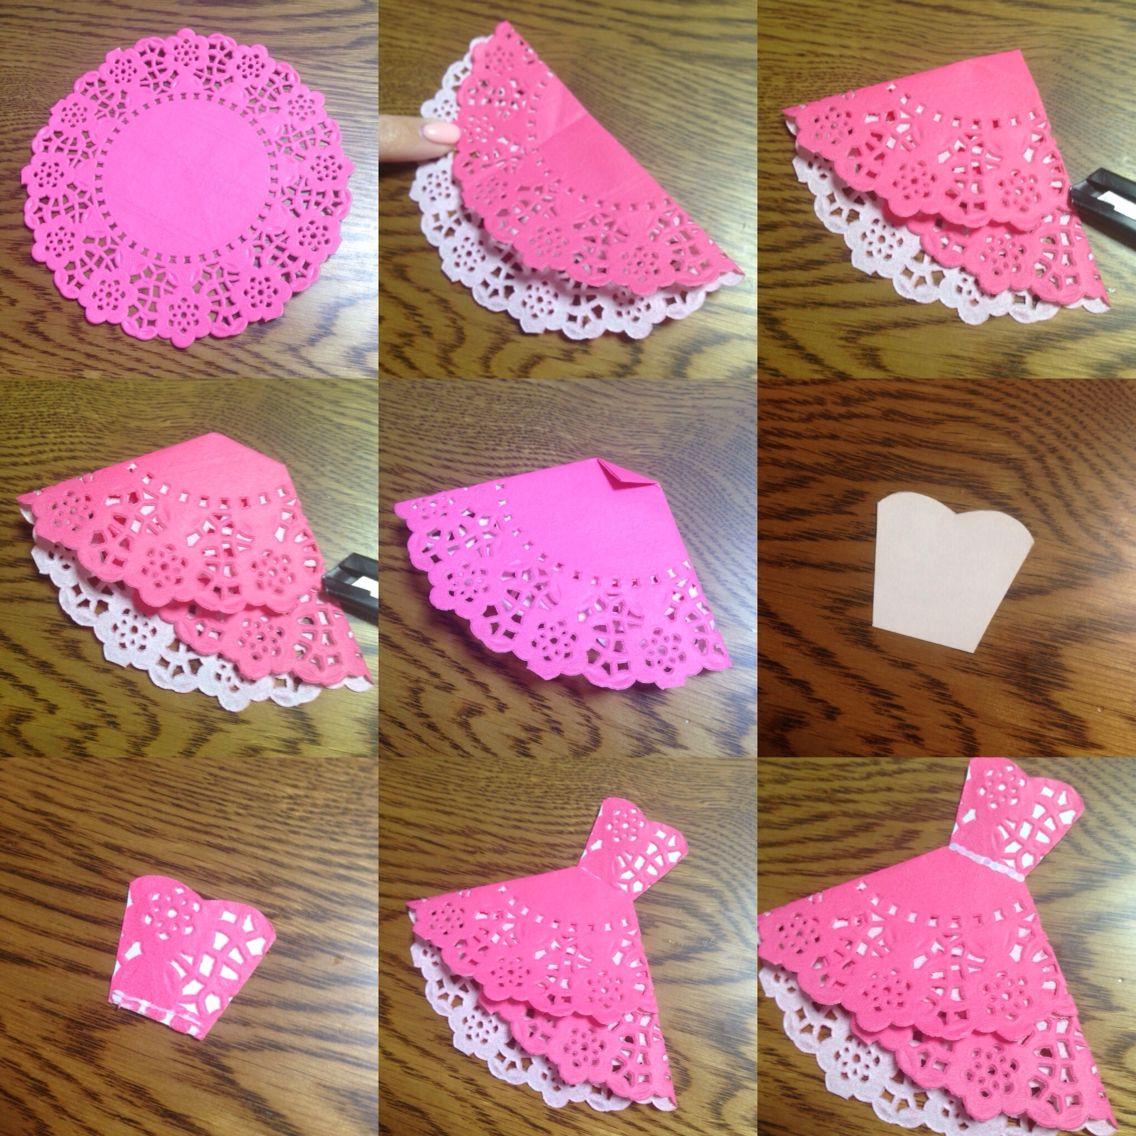 Открытка для девочки с днем рождения своими руками из ажурных салфеток